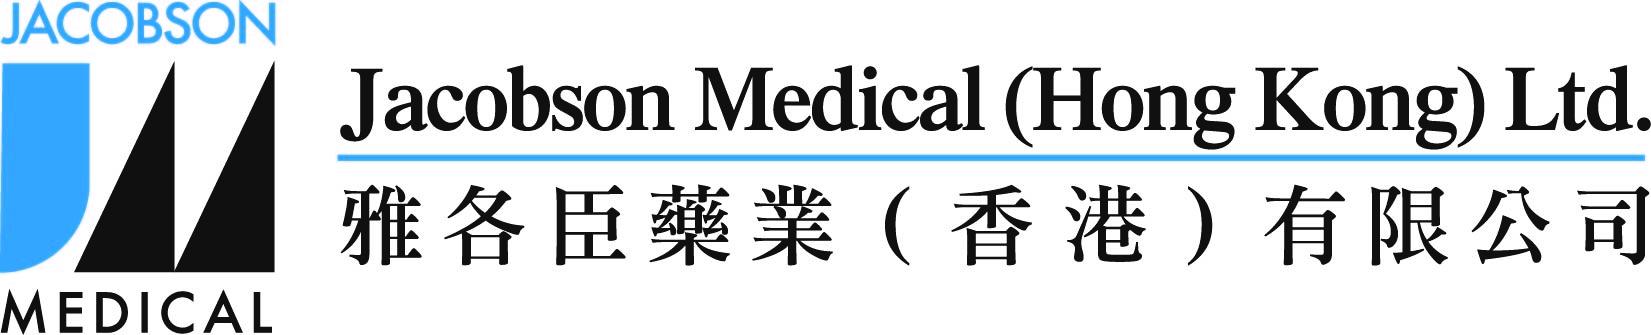 Self Photos / Files - 2020.08.19 - [Jacobson Medical (Hong Kong) Limited] Logo